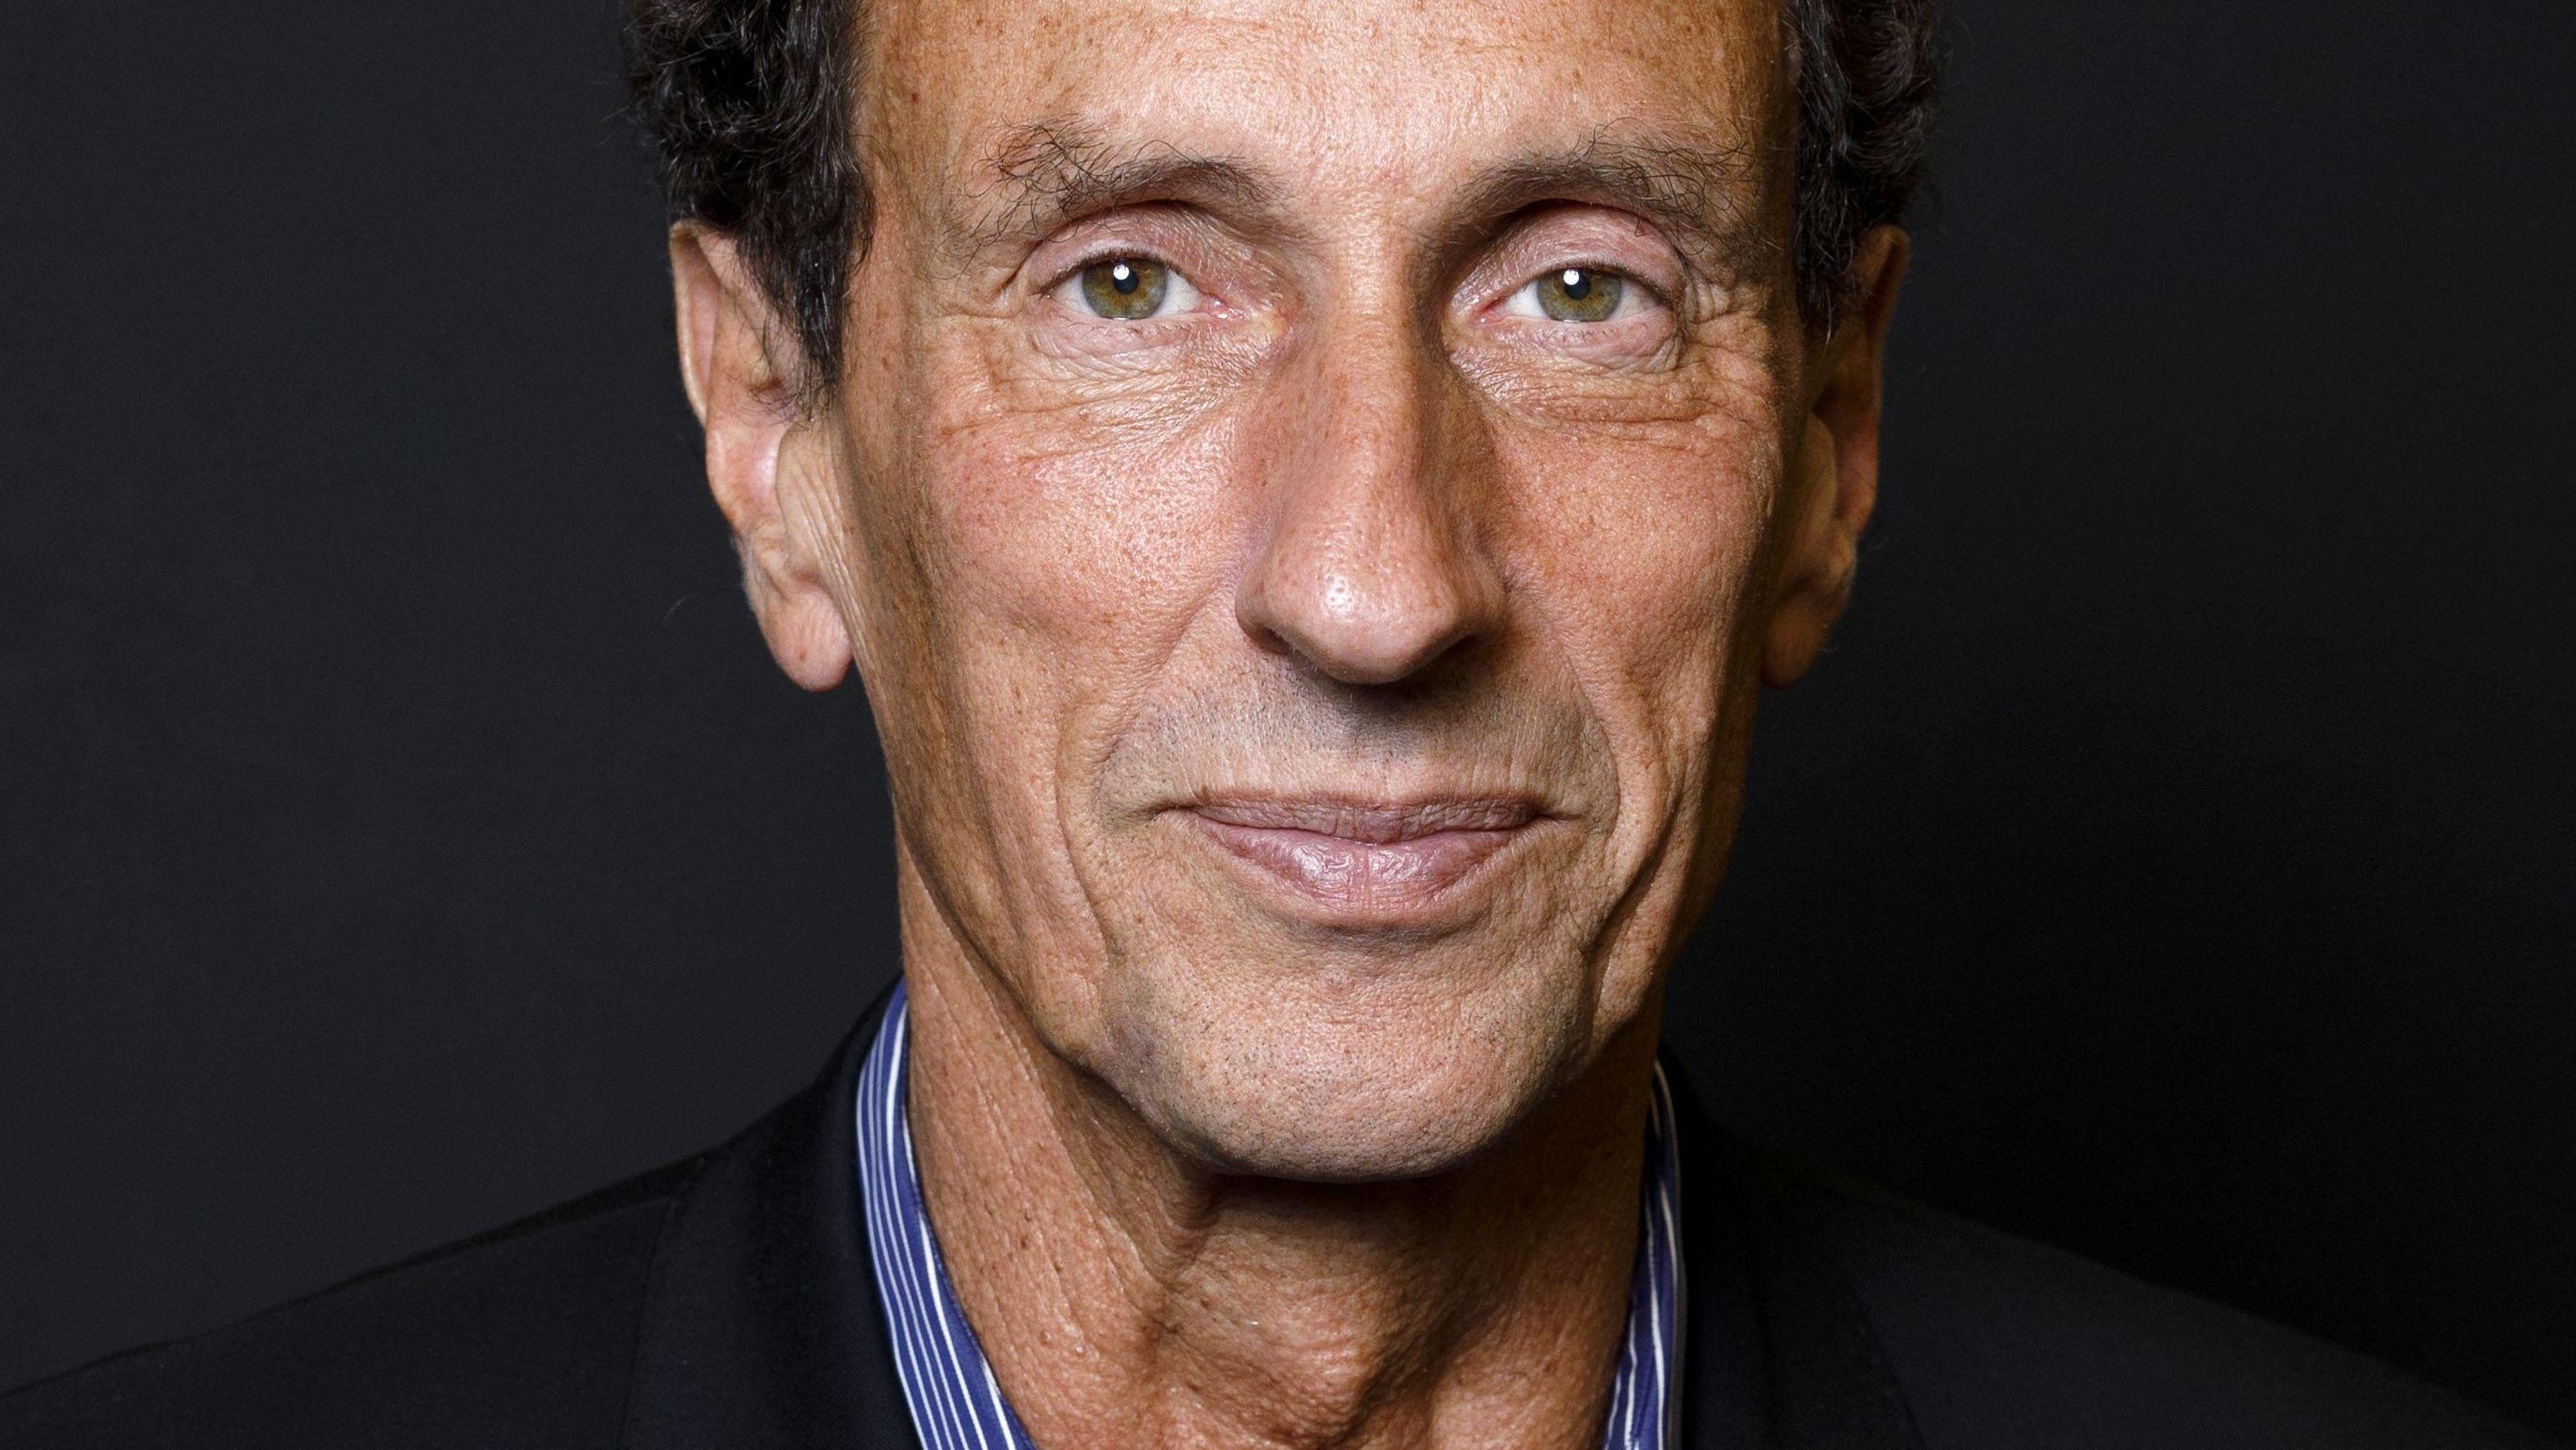 Philosoph Julian-Nida-Rümelin lächelt vor dunklem Hintergrund in die Kamera